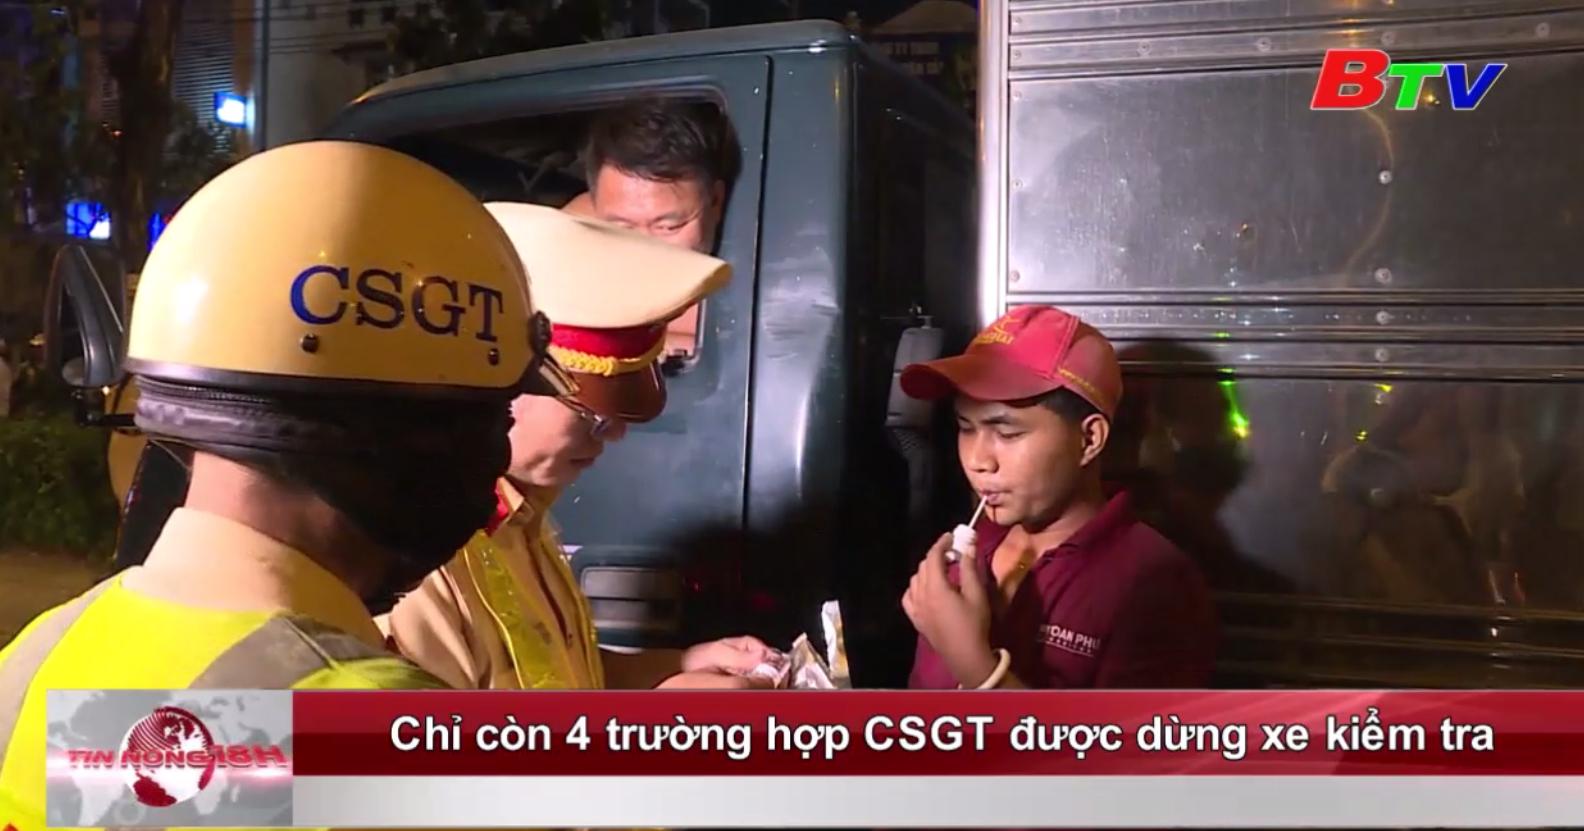 Chỉ còn 4 trường hợp CSGT được dừng xe kiểm tra